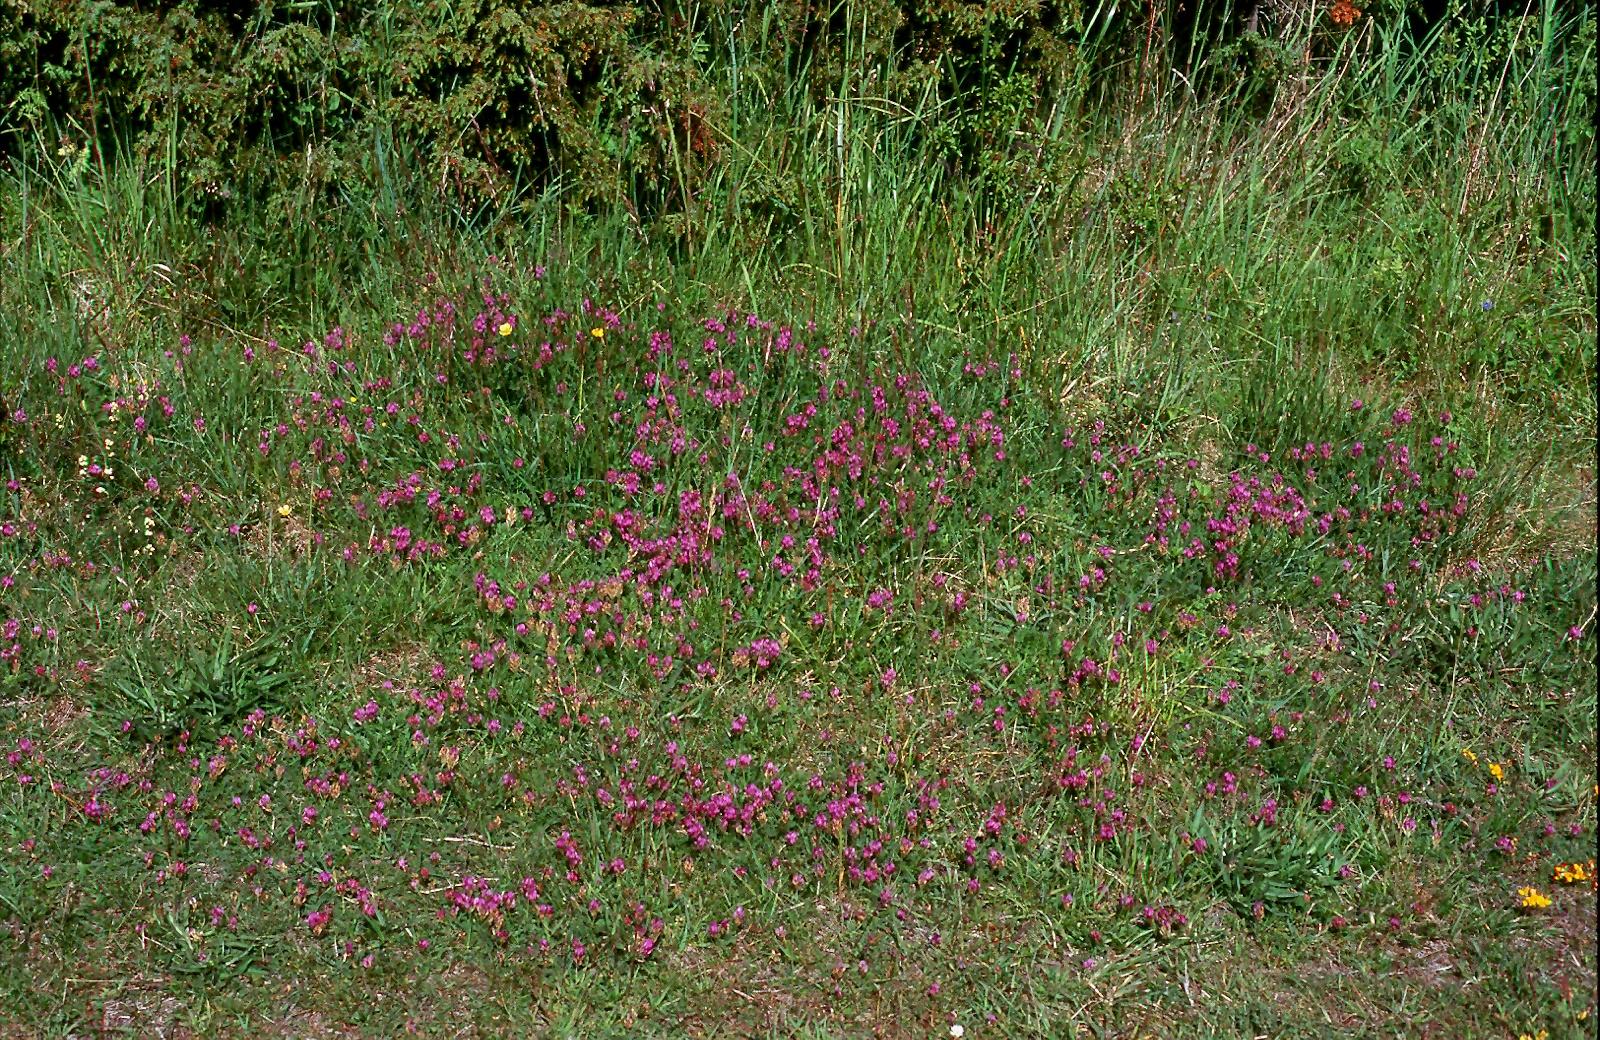 Astragalus danicus